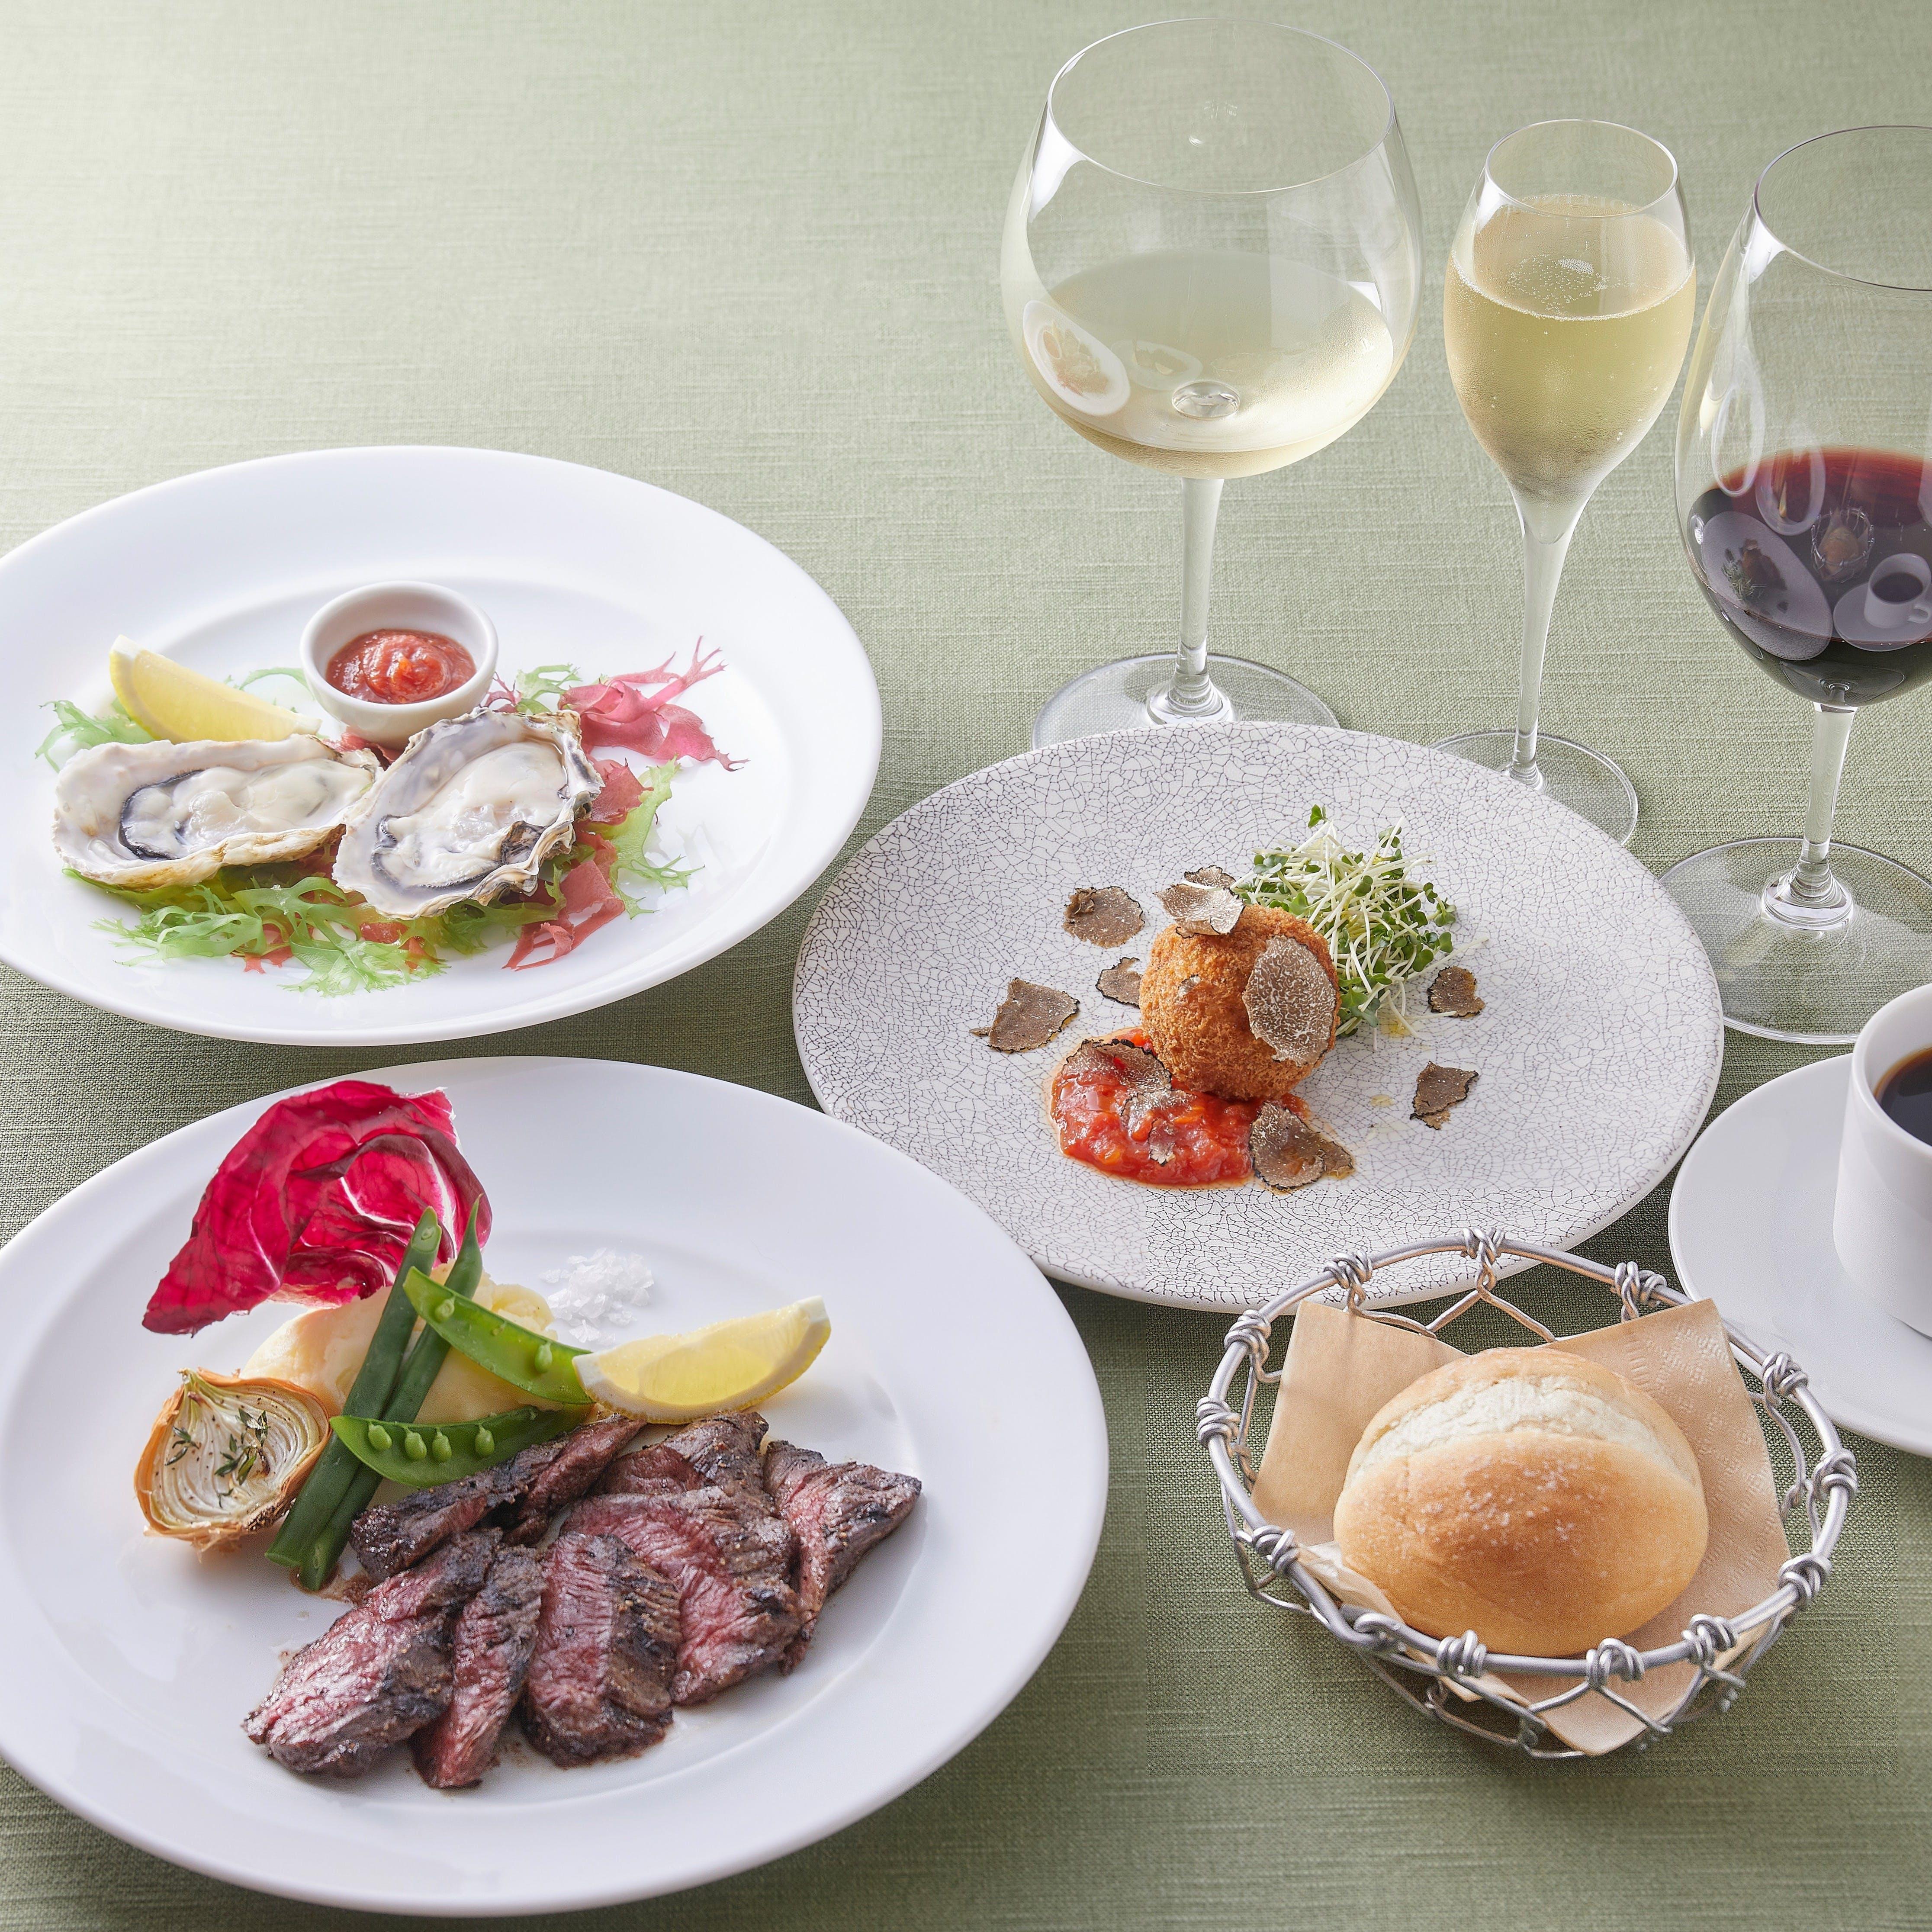 肉料理の経験を持つシェフ監修の色々なお肉を多様な調理法でお届けする肉レストラン